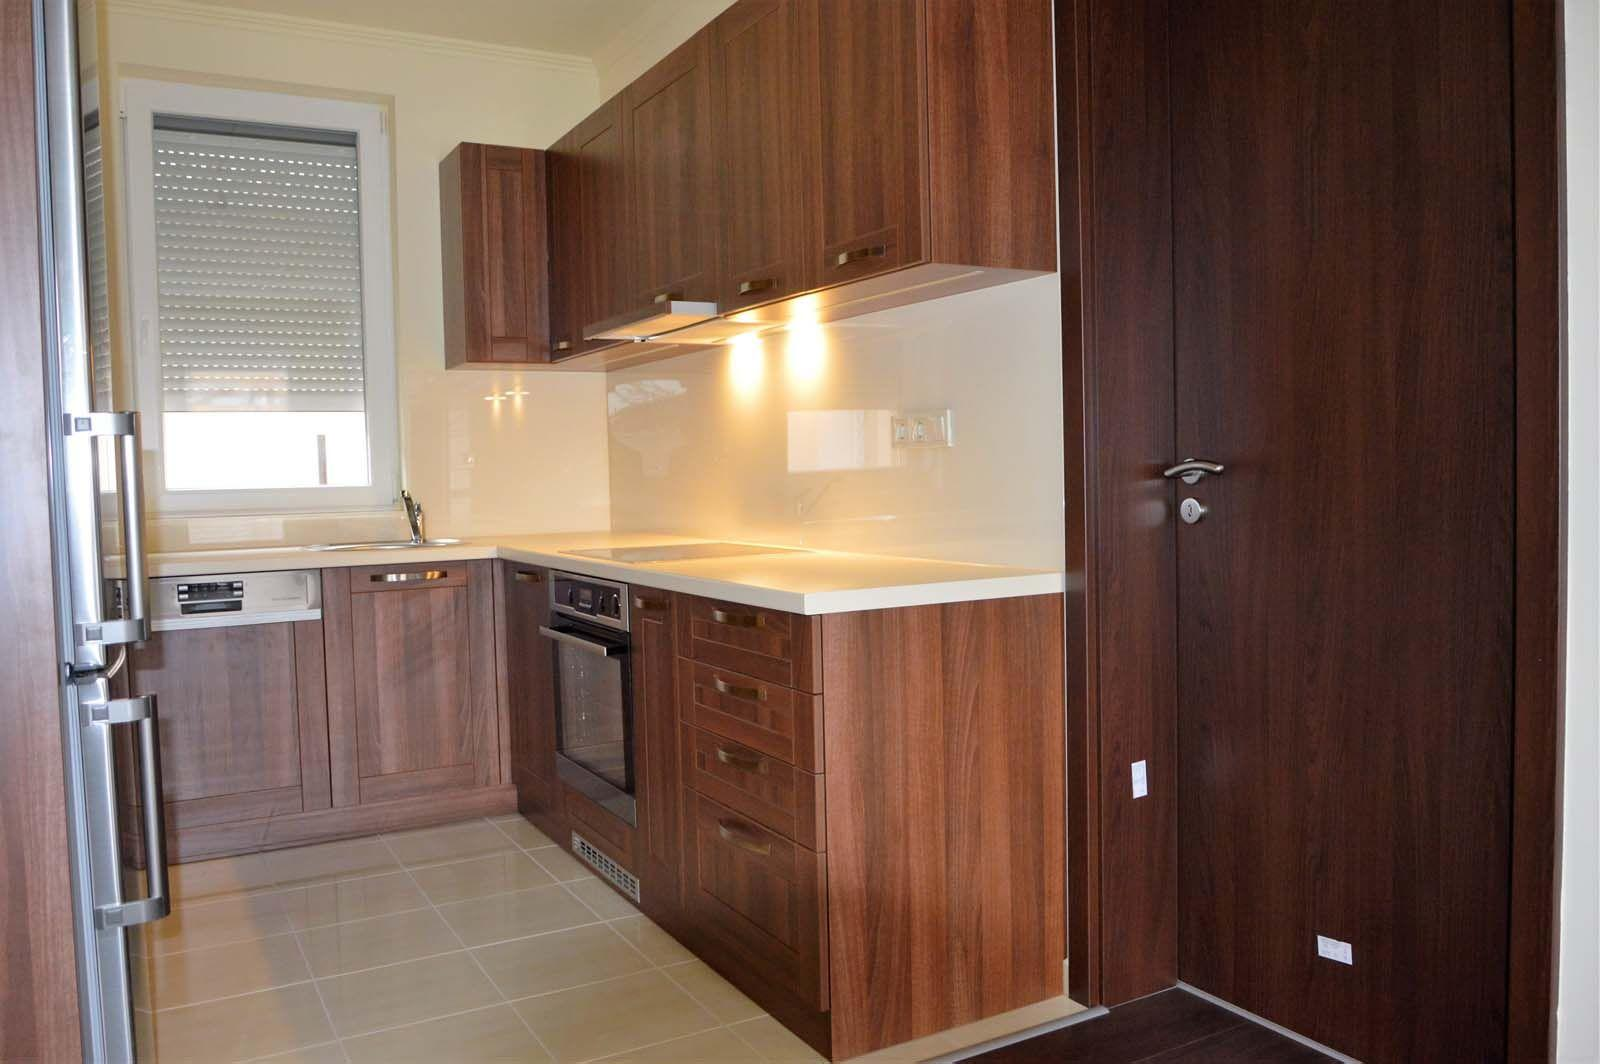 Egyedi konyhabútor készítés dió - bézs színben üveghátlappal, rejtett LED világítással, beépített konyhai gépekkel